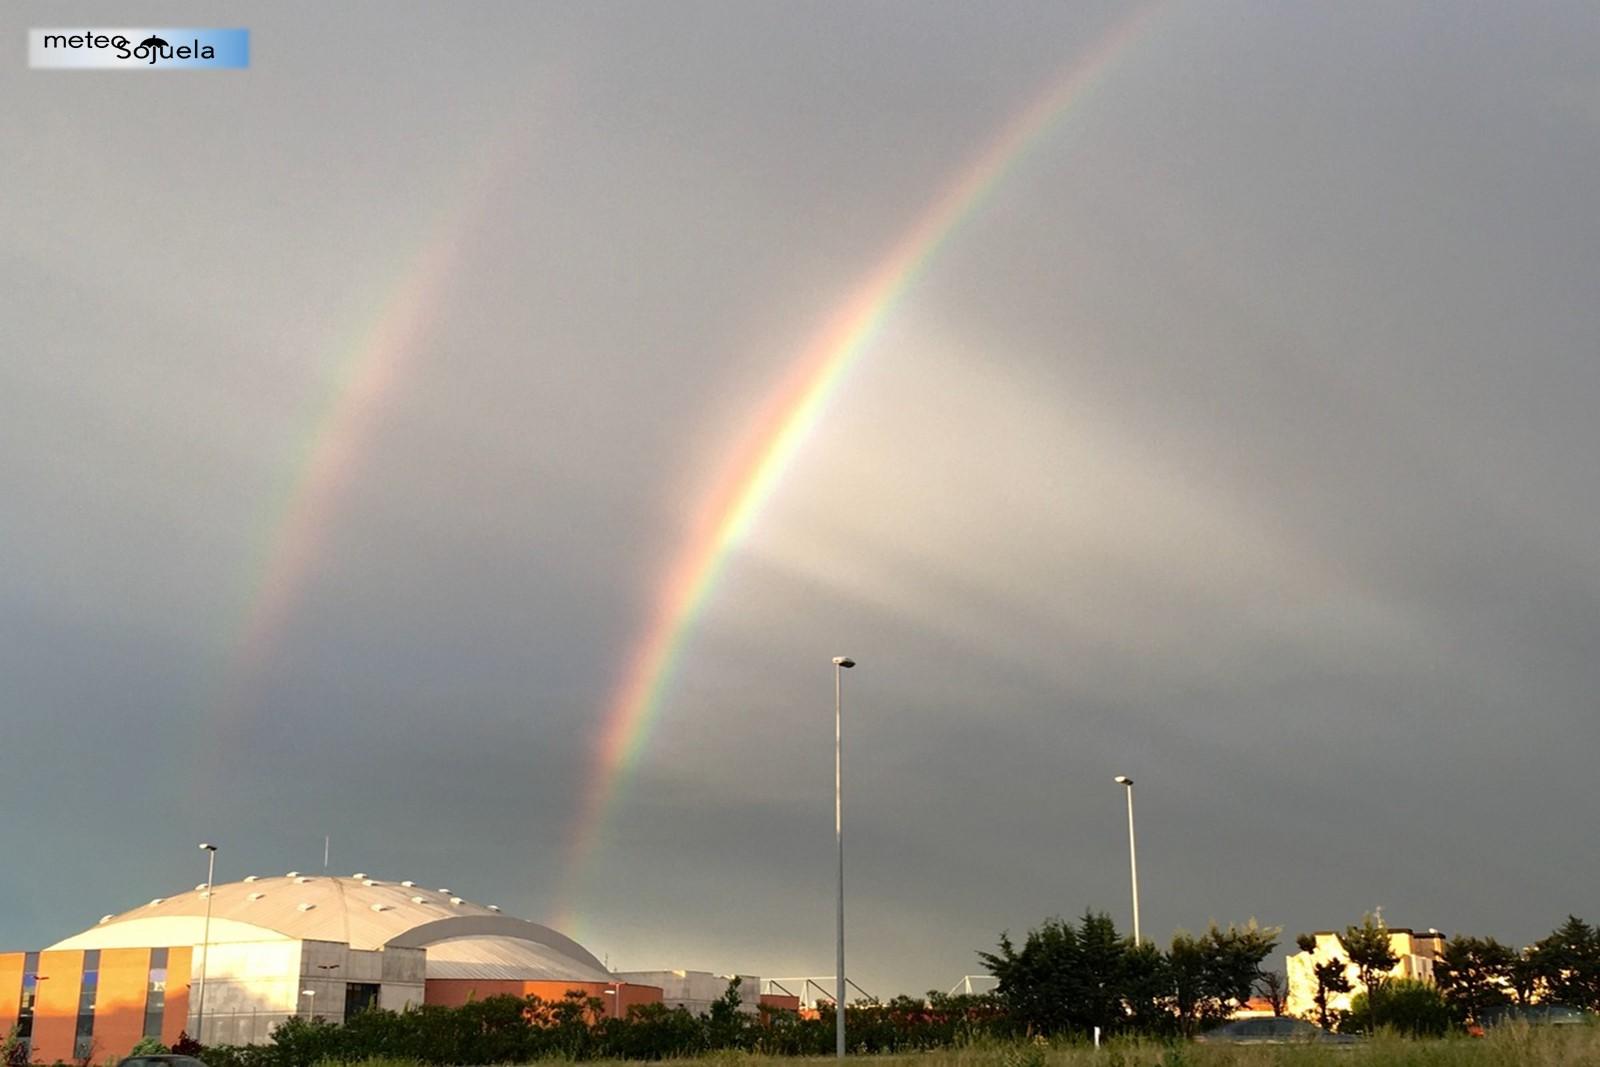 arcoiris doble arcoiris tiempo logroño la rioja